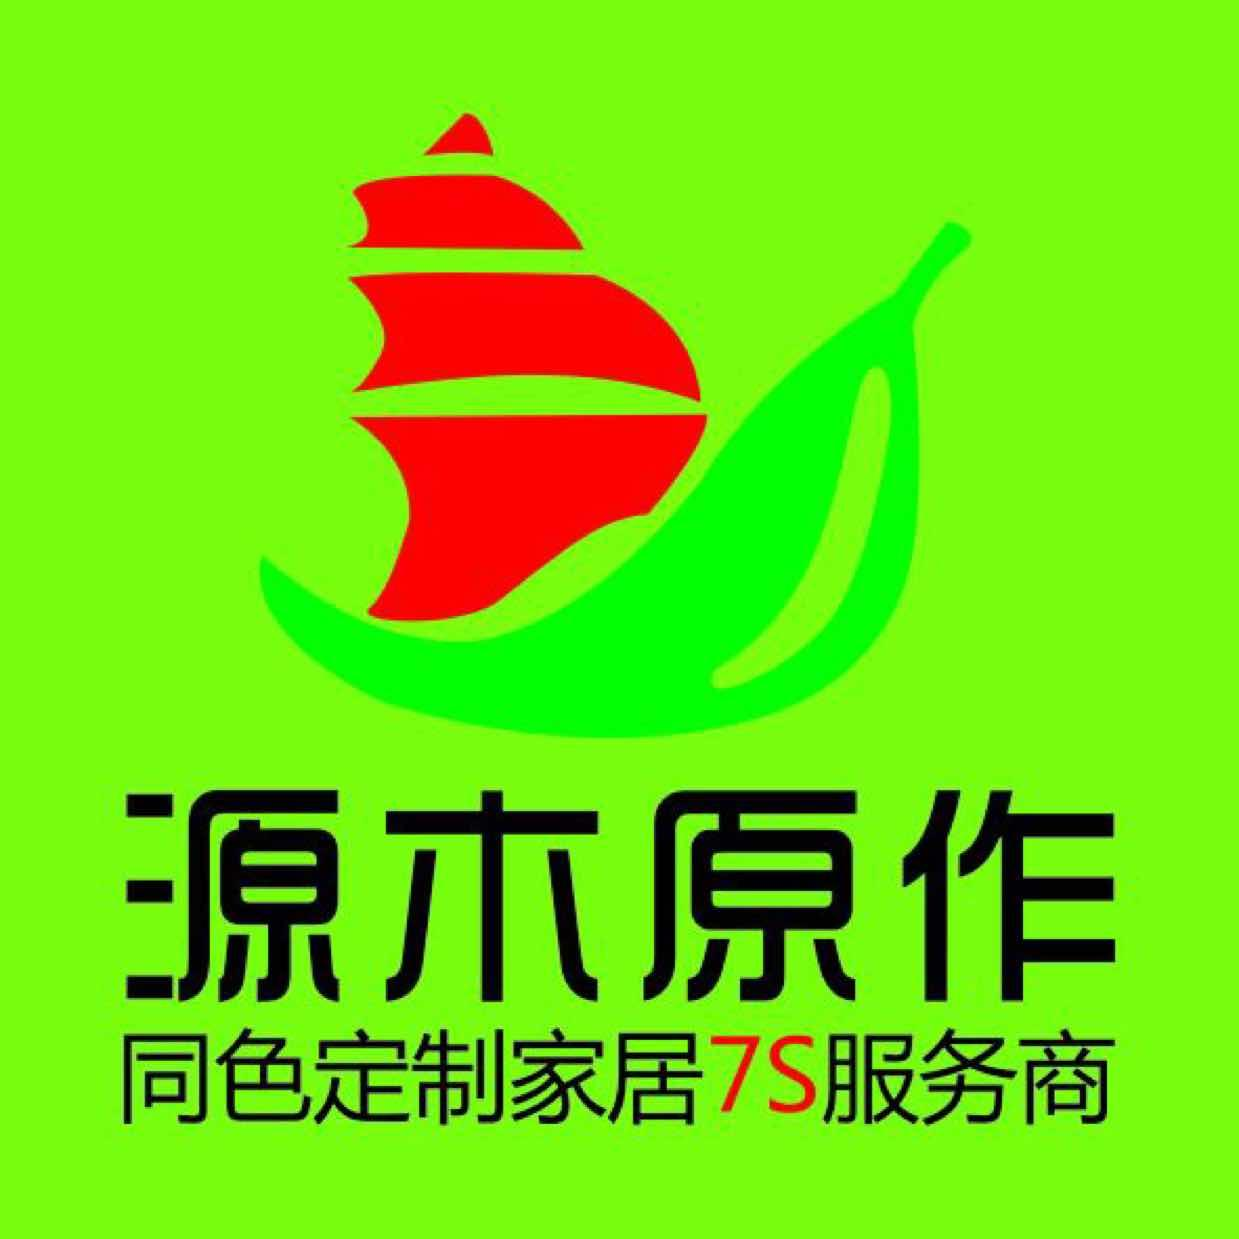 深圳市方舟尊宝娱乐有限公司